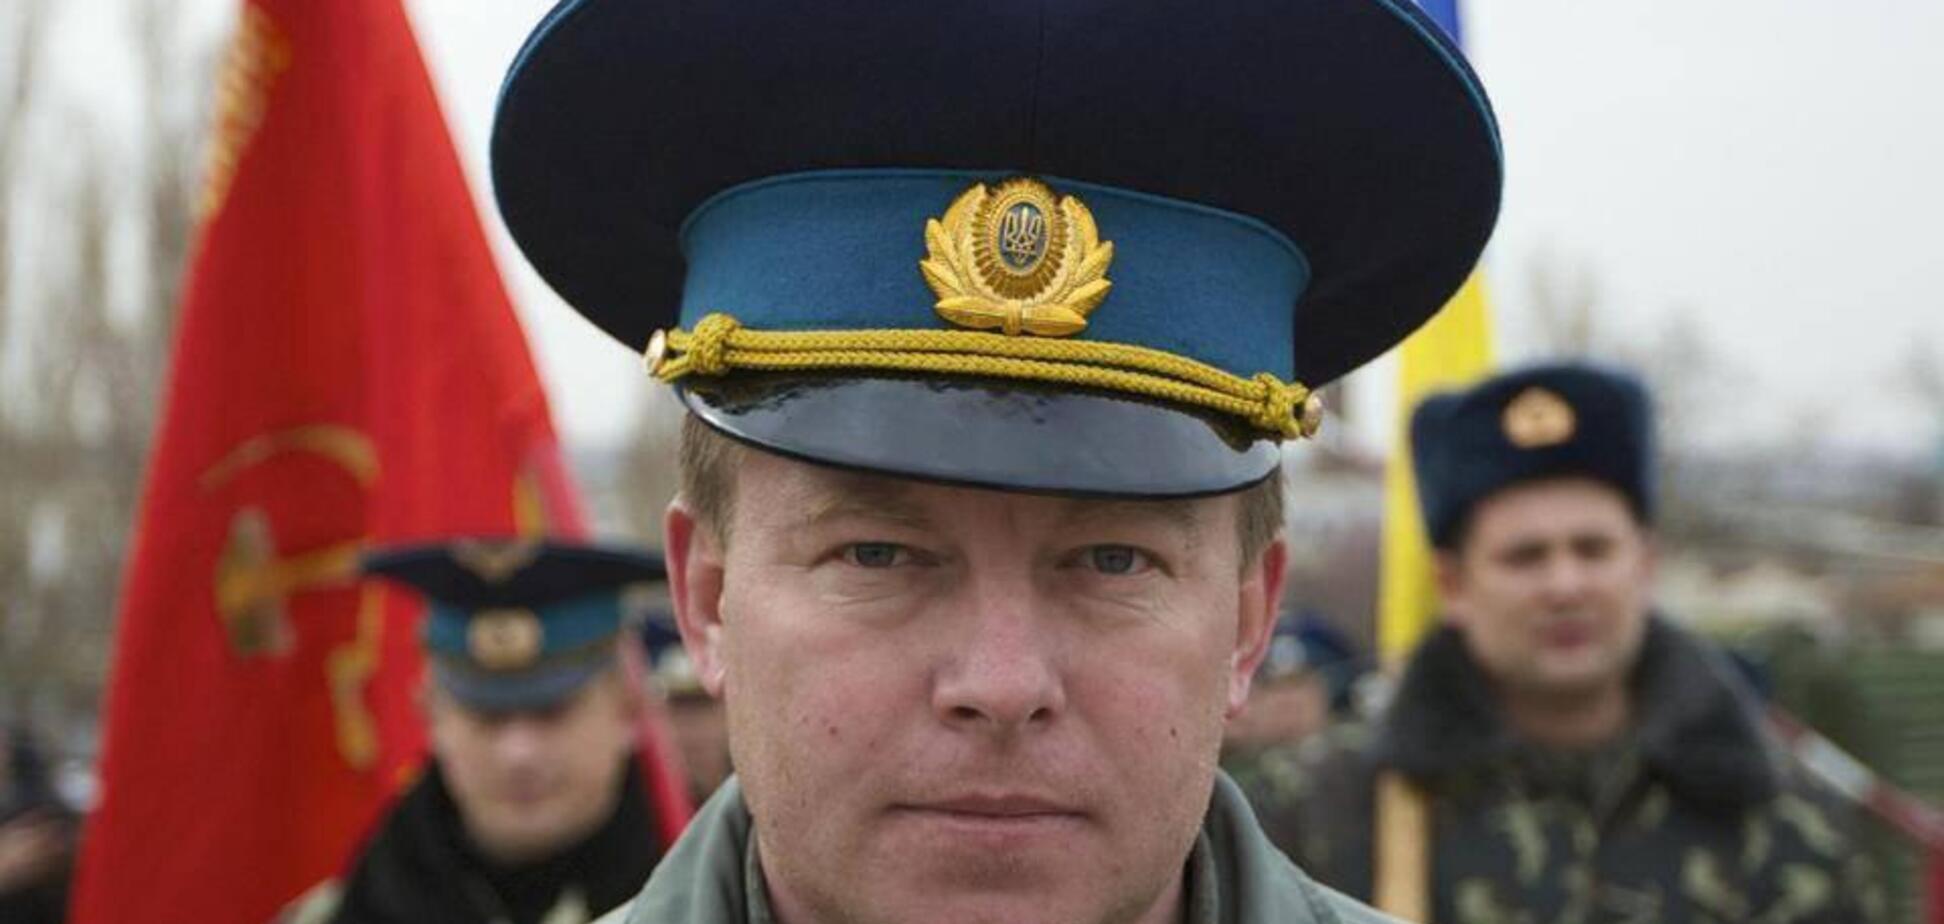 'Були в бойовій готовності': з'ясувалися нові подробиці окупації Криму